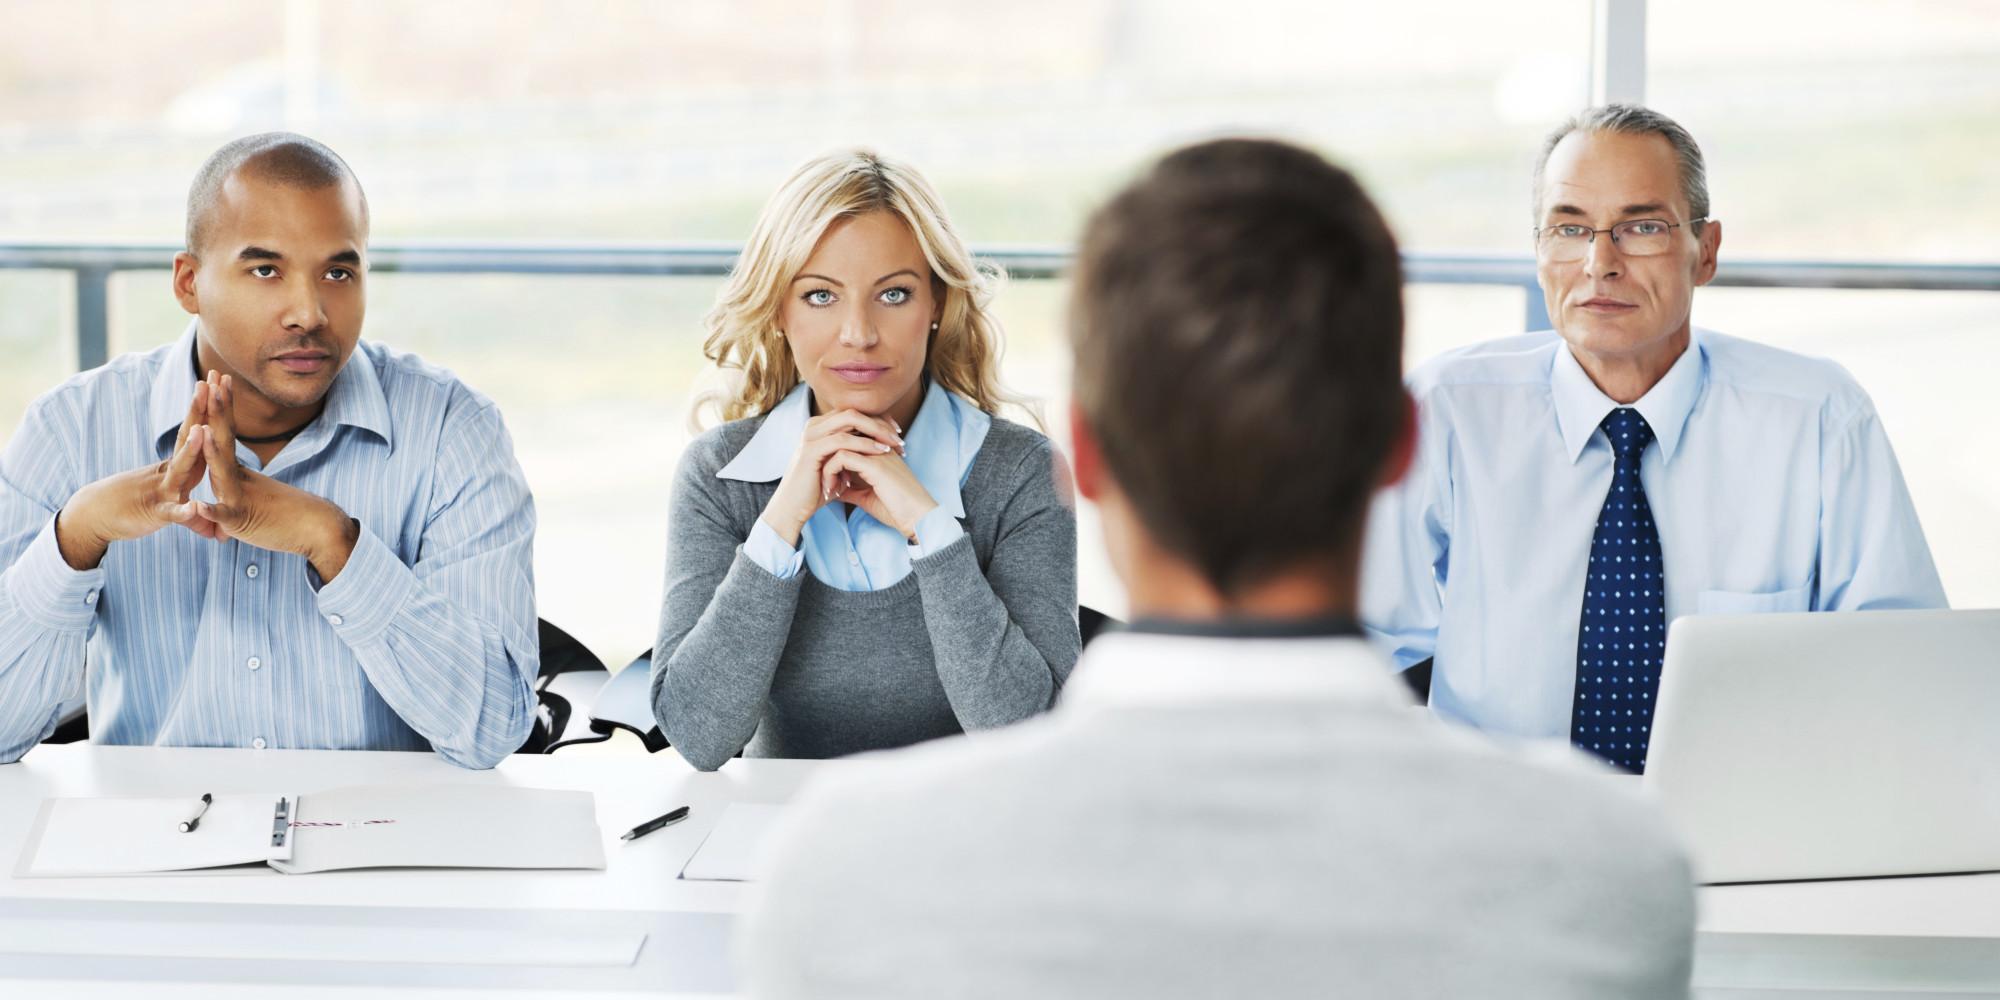 hsp hiring system